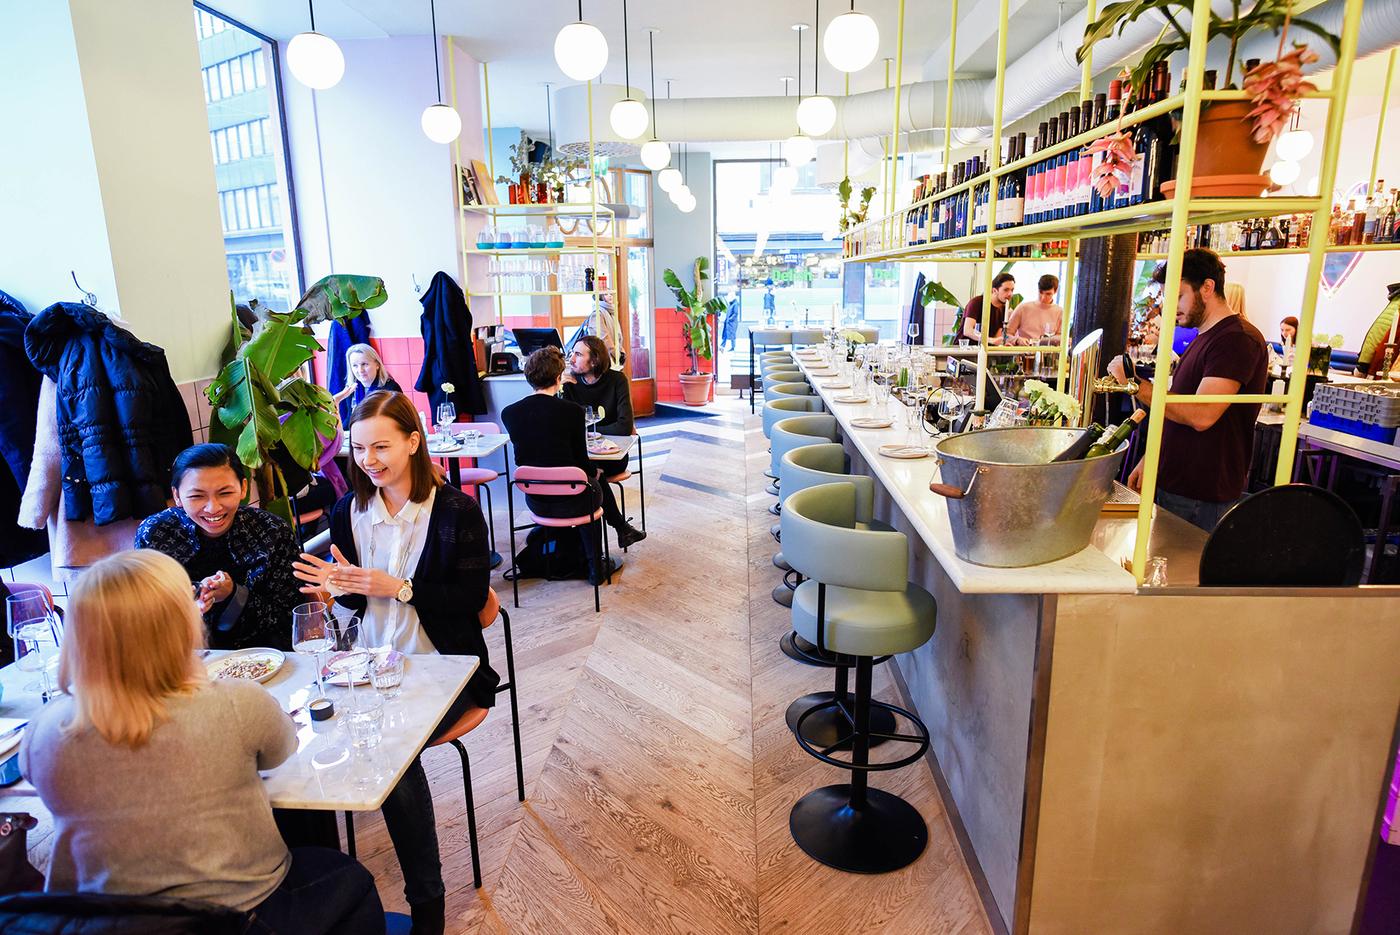 yesyesyes-ravintola-restaurant-helsinki-sundayblondie-8.jpg